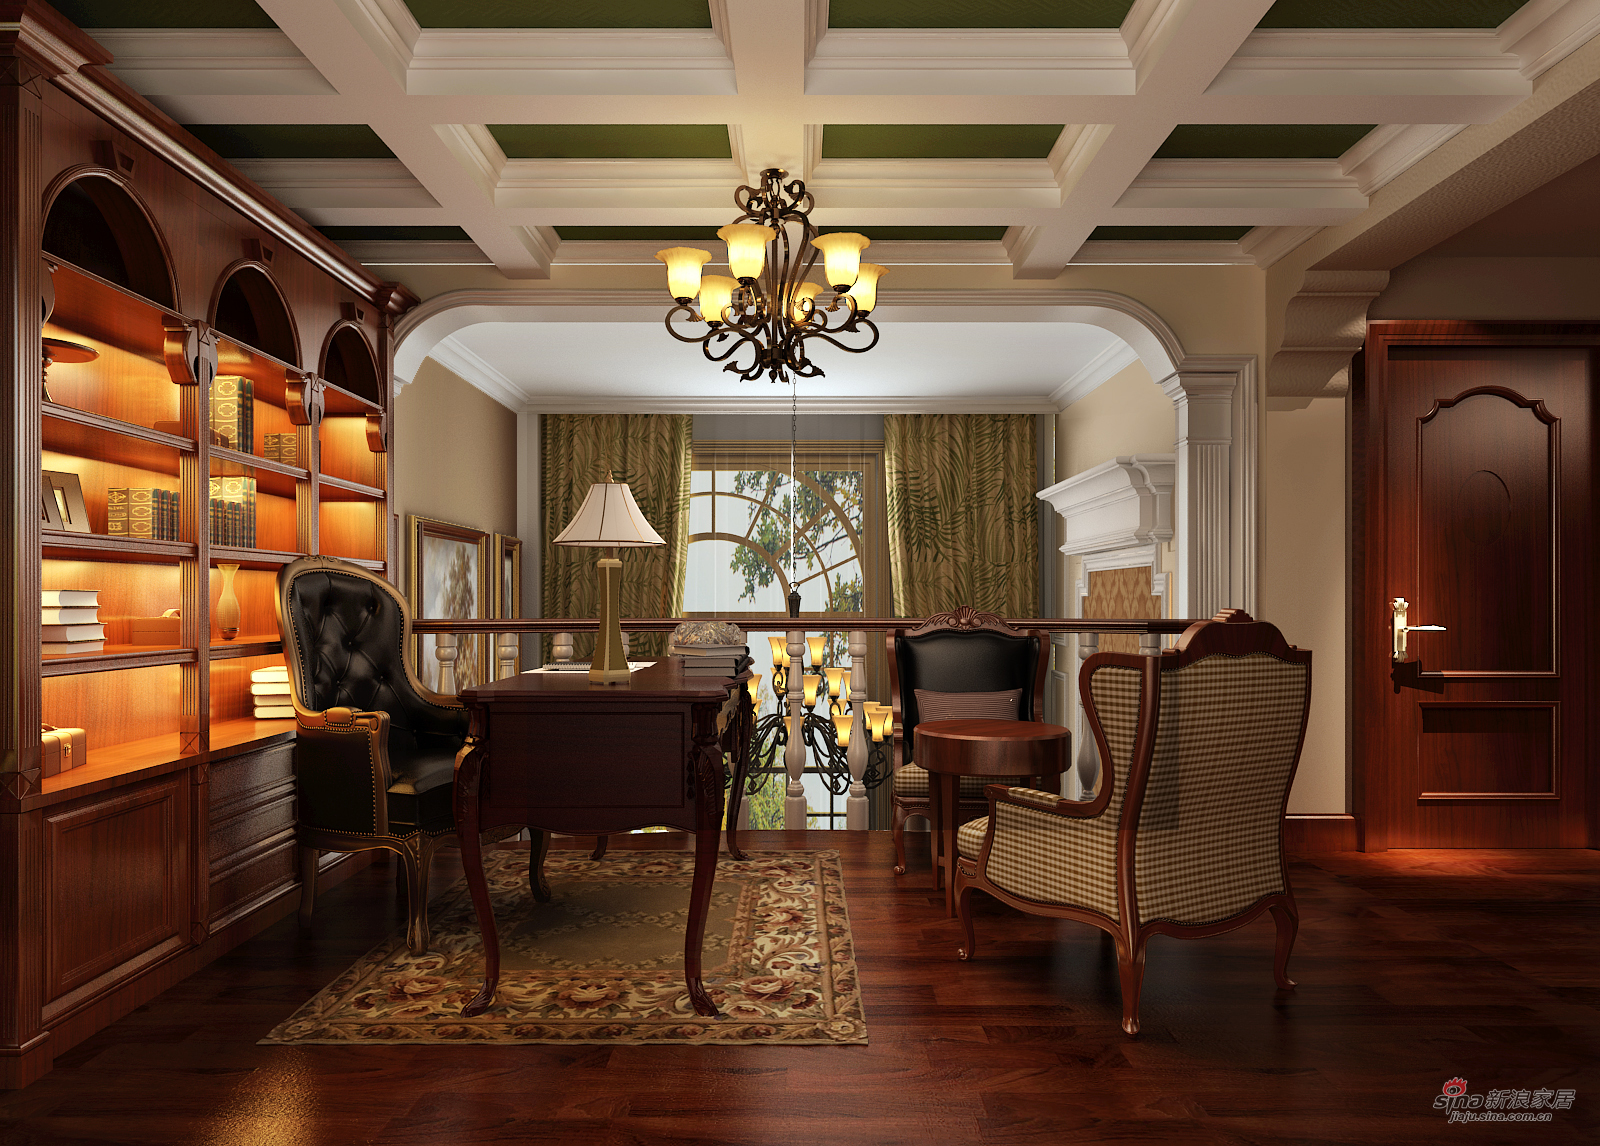 美式 三居 书房图片来自用户1907686233在北京华贸城29的分享